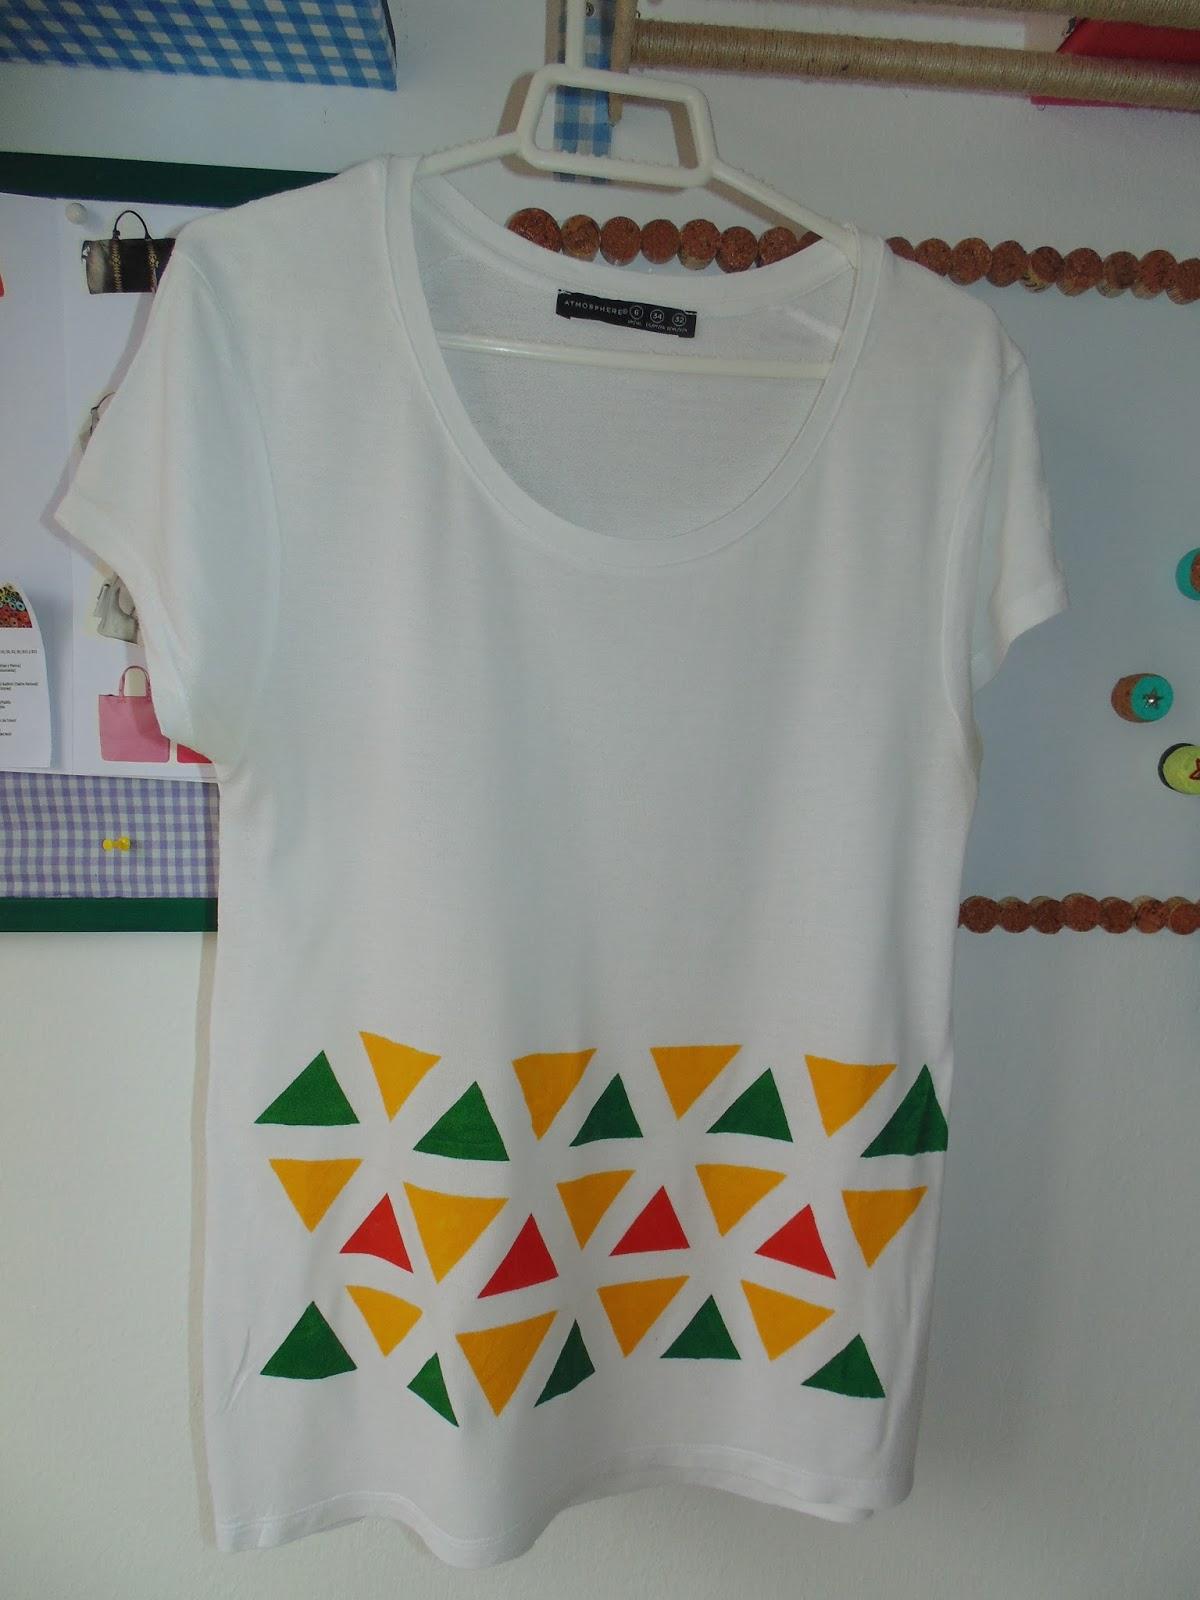 Fefe creative blog de costura y reciclaje diy pintar - Pintura para camisetas ...